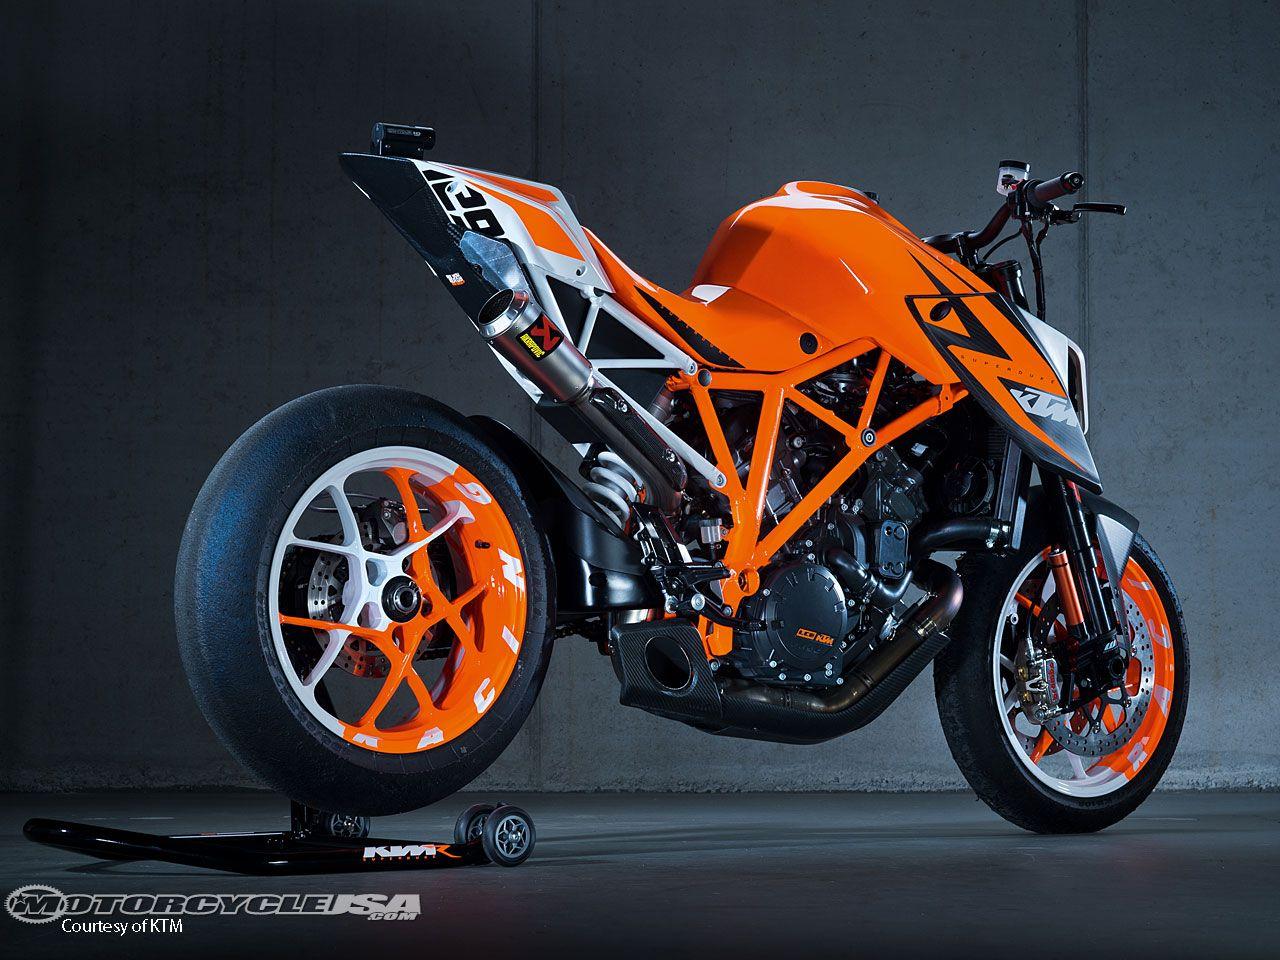 1290superduke Prototype Rear 3 4 Ktm Super Duke Sport Bikes Ktm